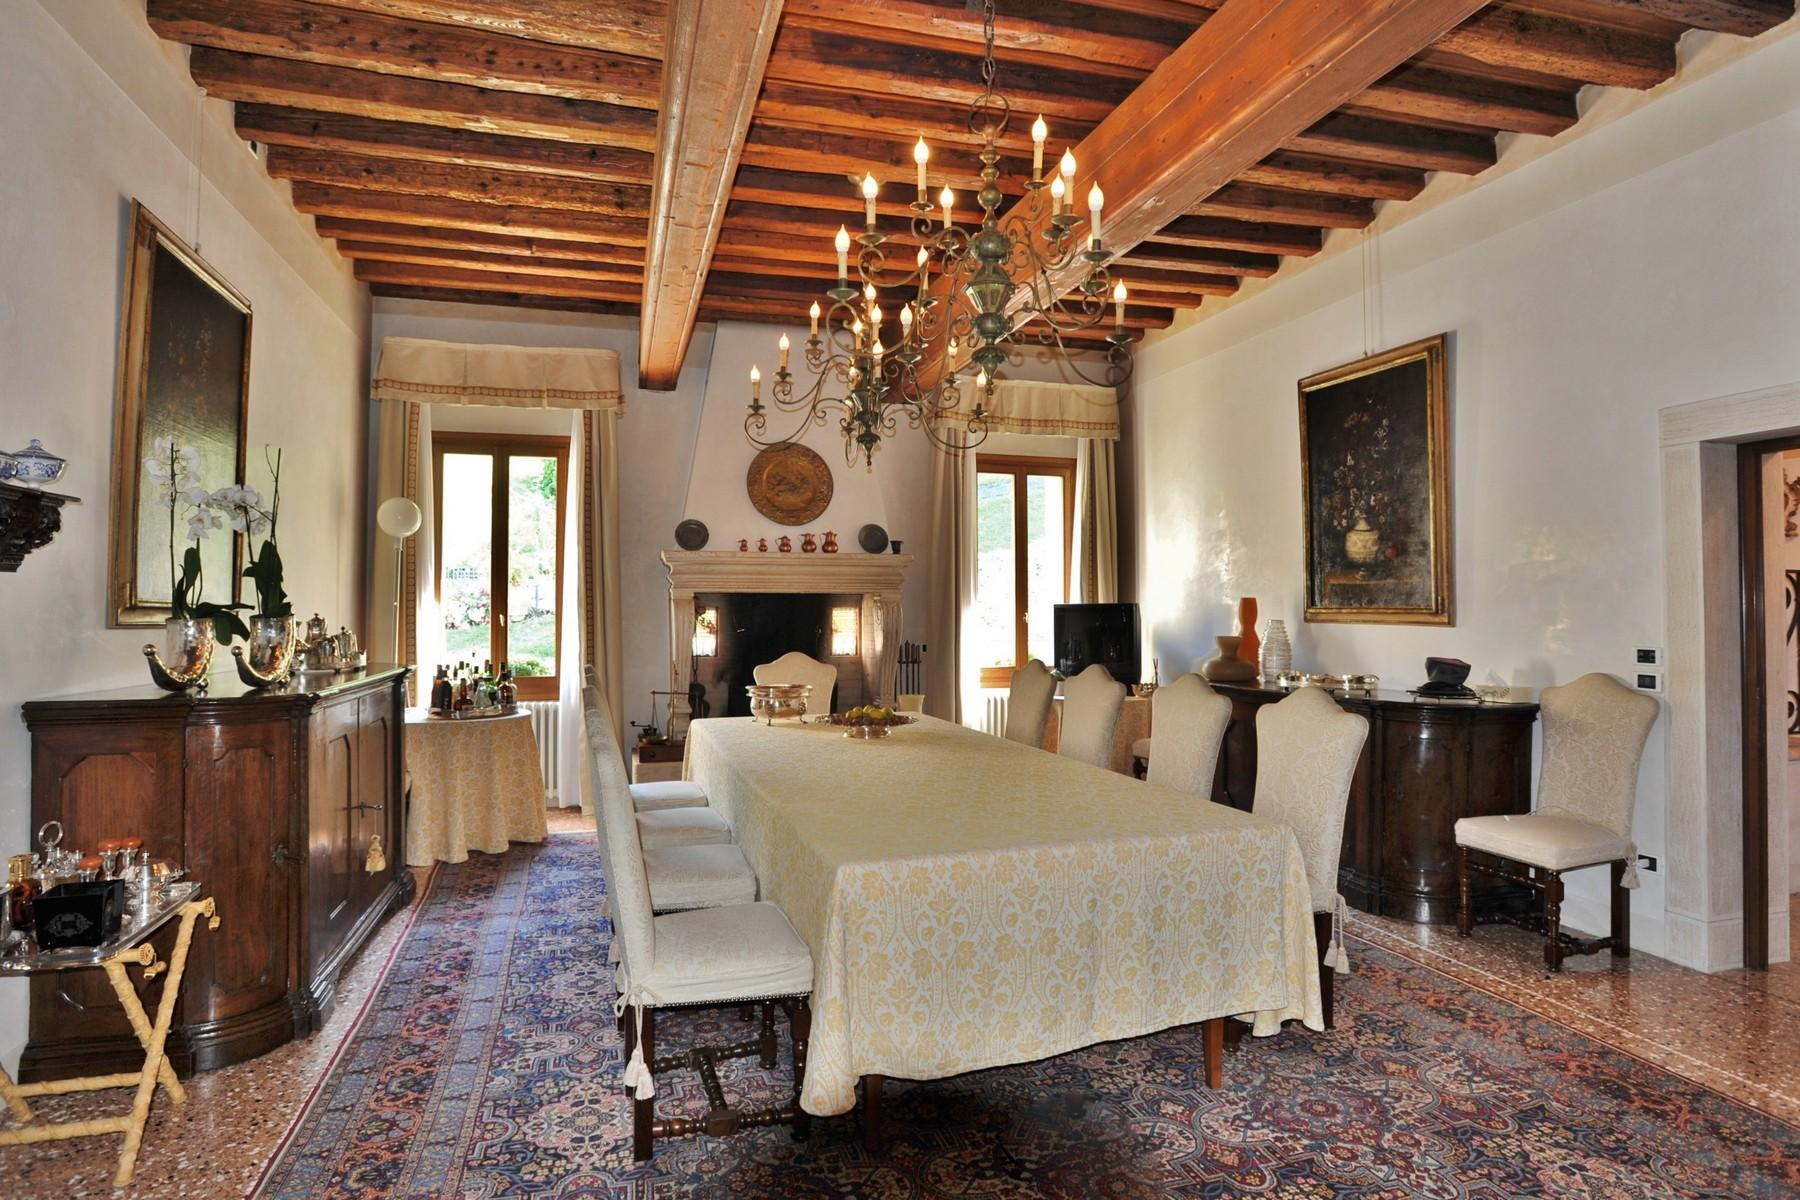 位于壮观的威尼斯别墅主楼层的优雅公寓 - 4